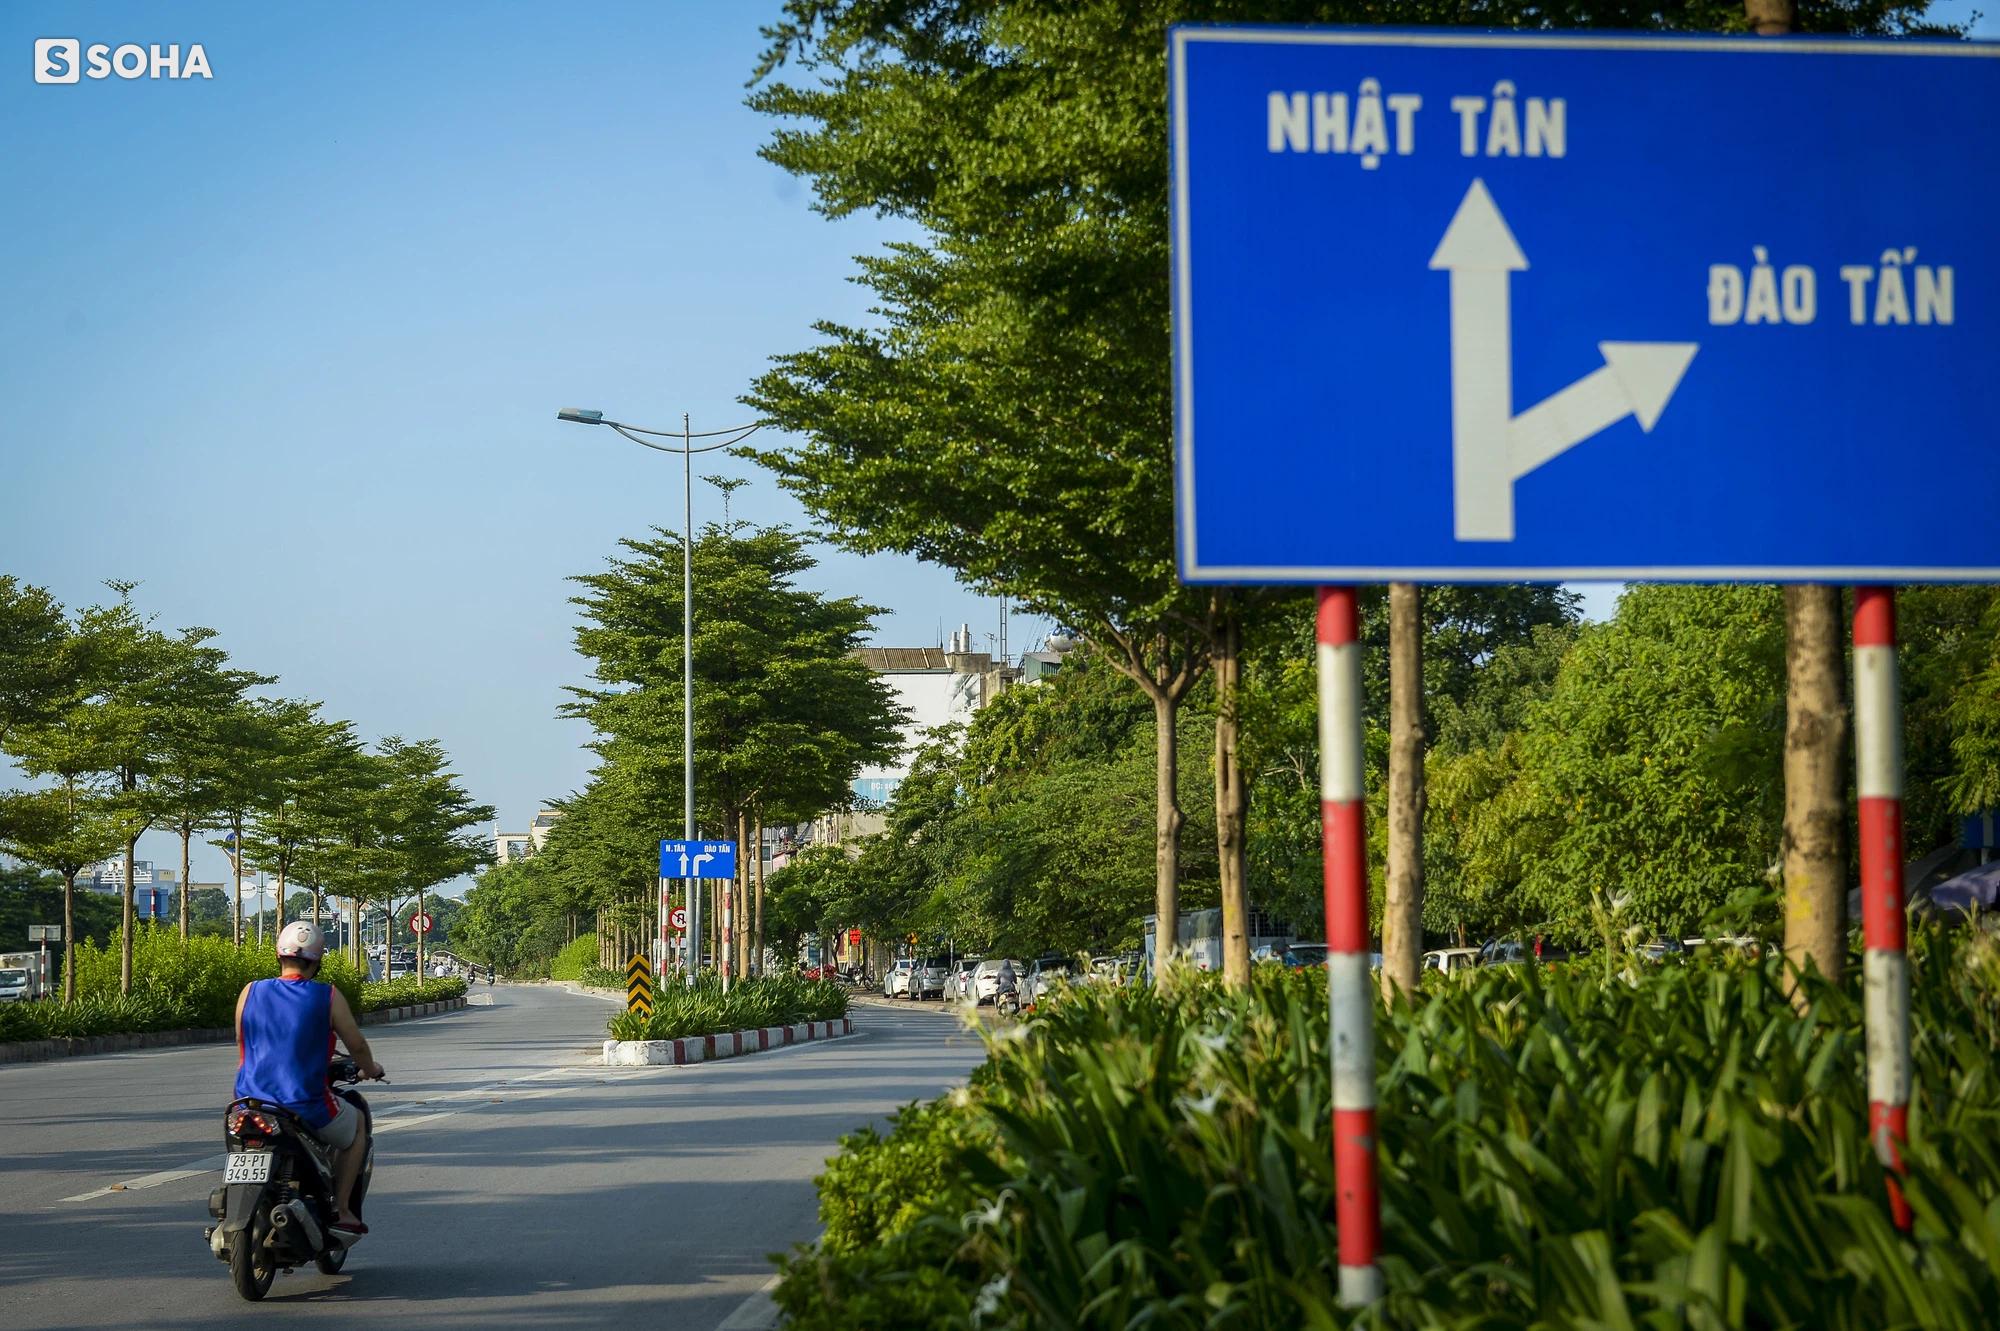 Cận cảnh hàng cây bàng lá nhỏ, chà là trong vụ Tổng Giám đốc công ty cây xanh Hà Nội bị bắt - Ảnh 12.